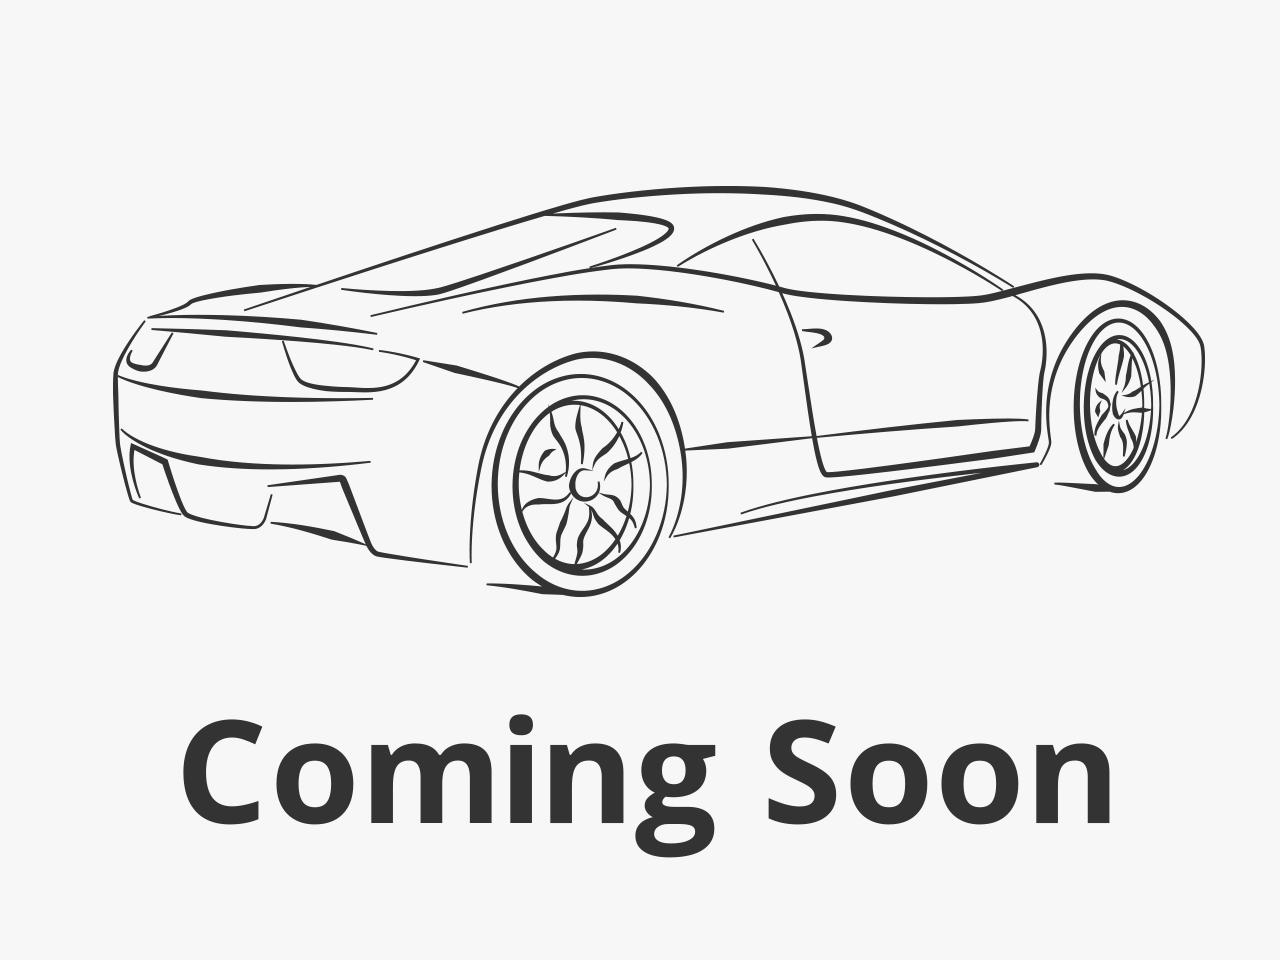 Mazda Mx-5 Miata 2.0 Grand Touring Rear Wheel Drive For